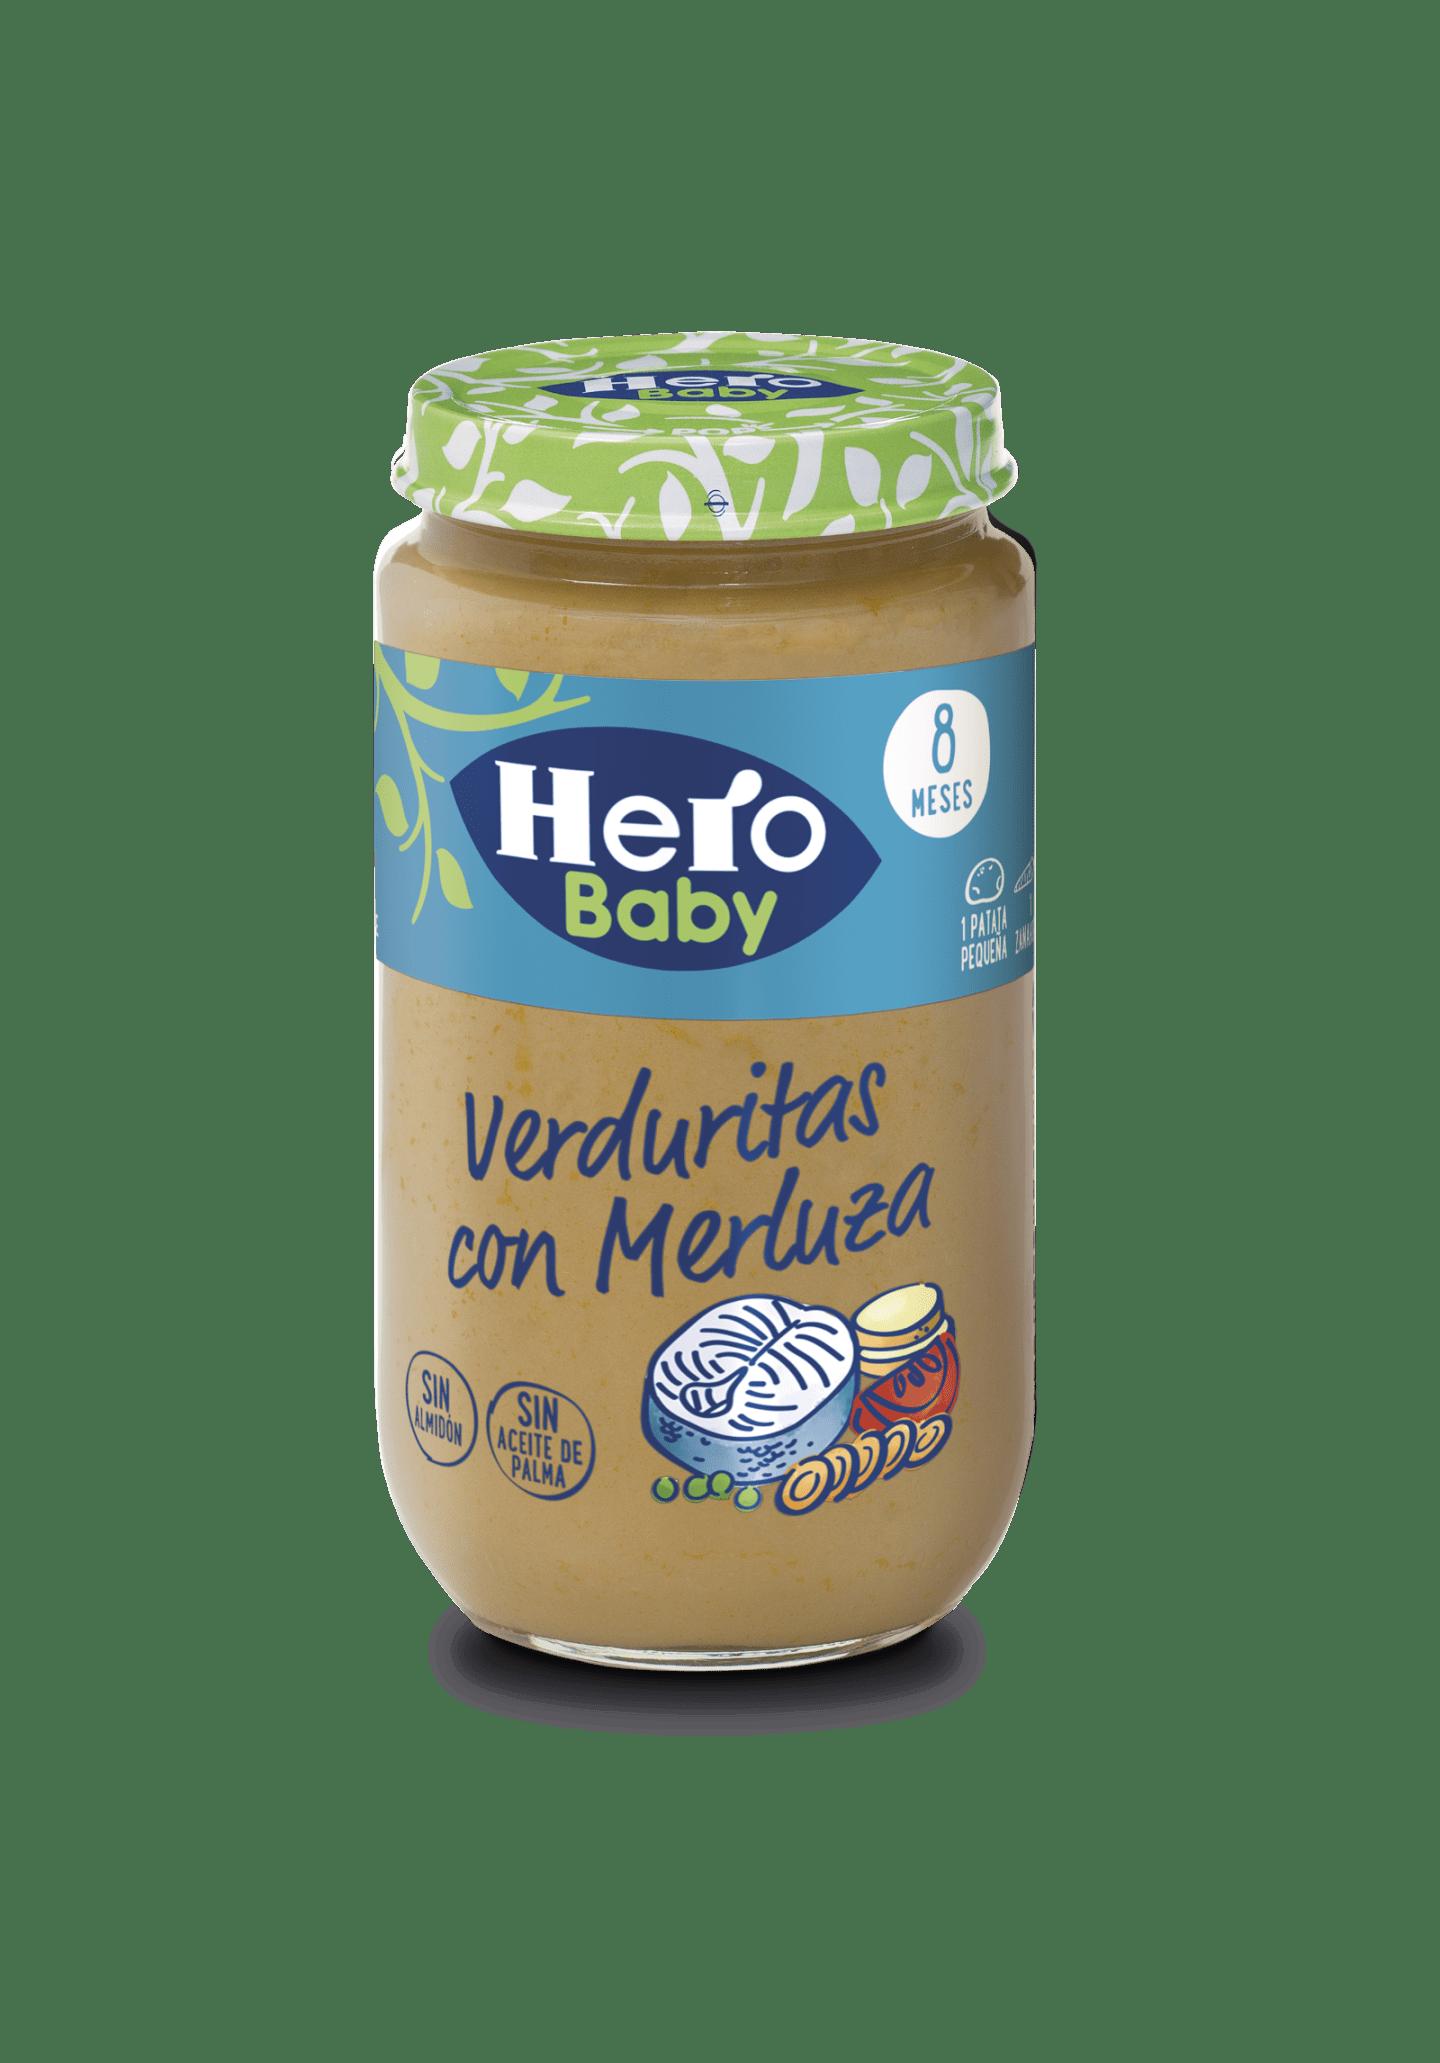 Tarrito de Verduritas con Merluza